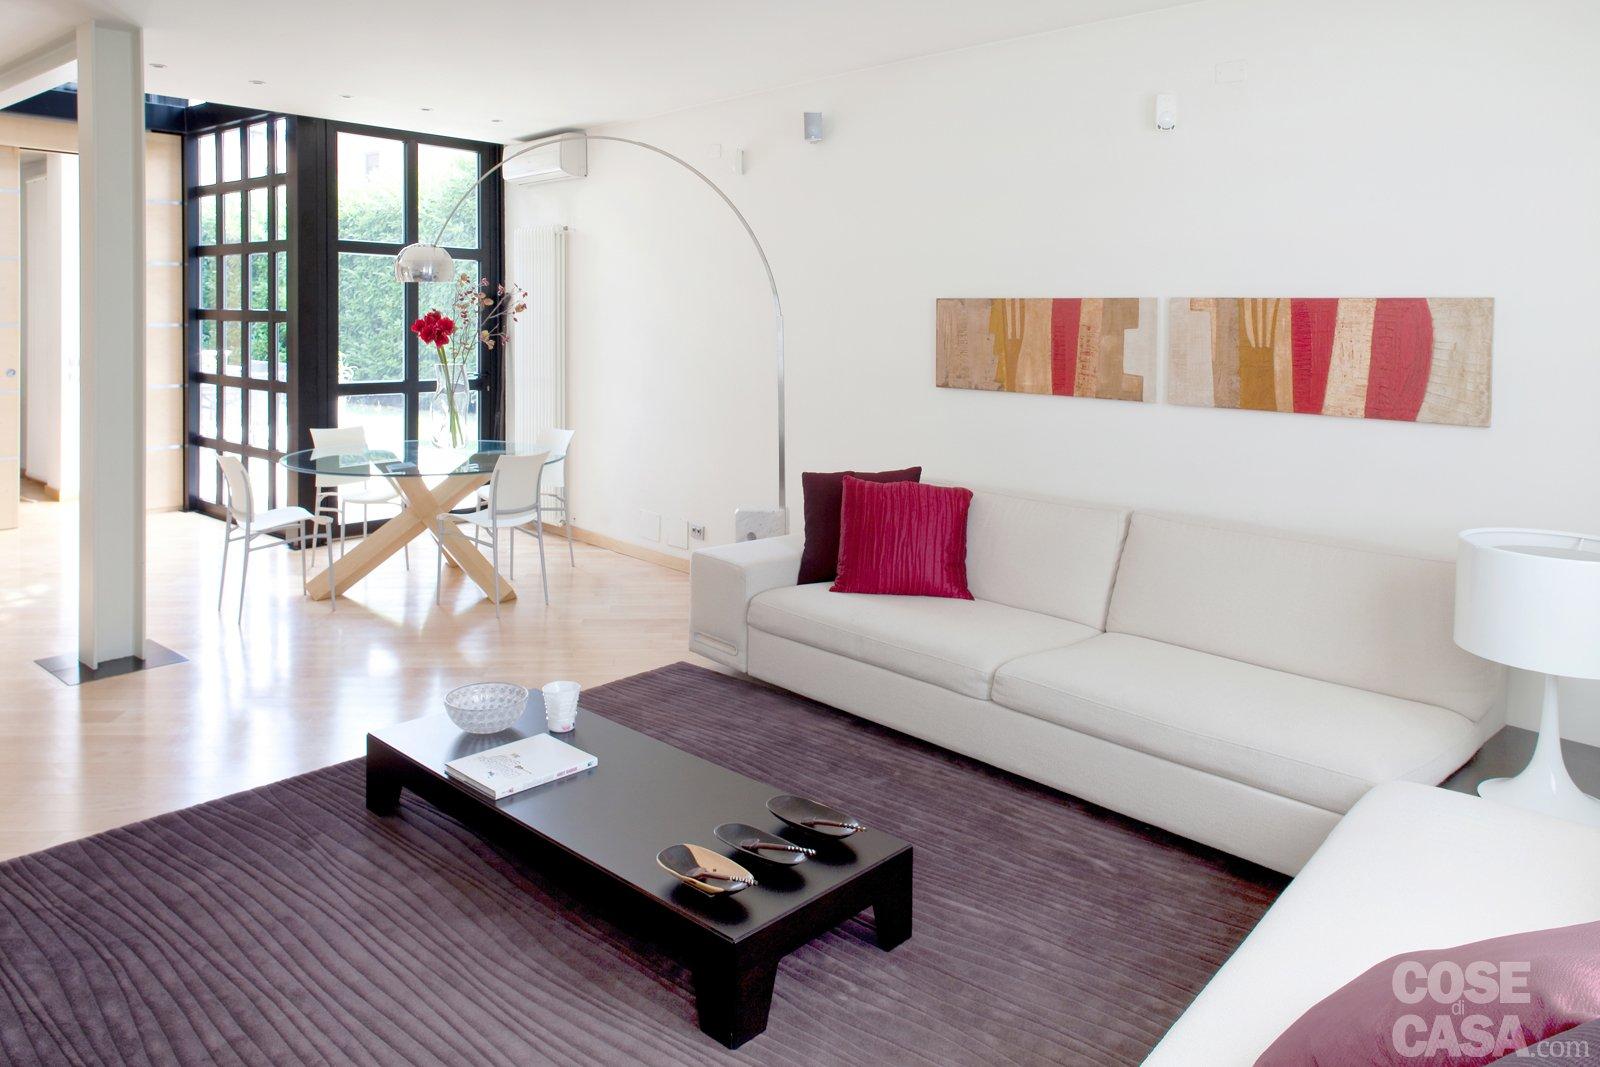 Una Casa Con Soluzioni Che Moltiplicano La Luce Cose Di Casa #99323C 1600 1067 La Sala Da Pranzo Wikipedia